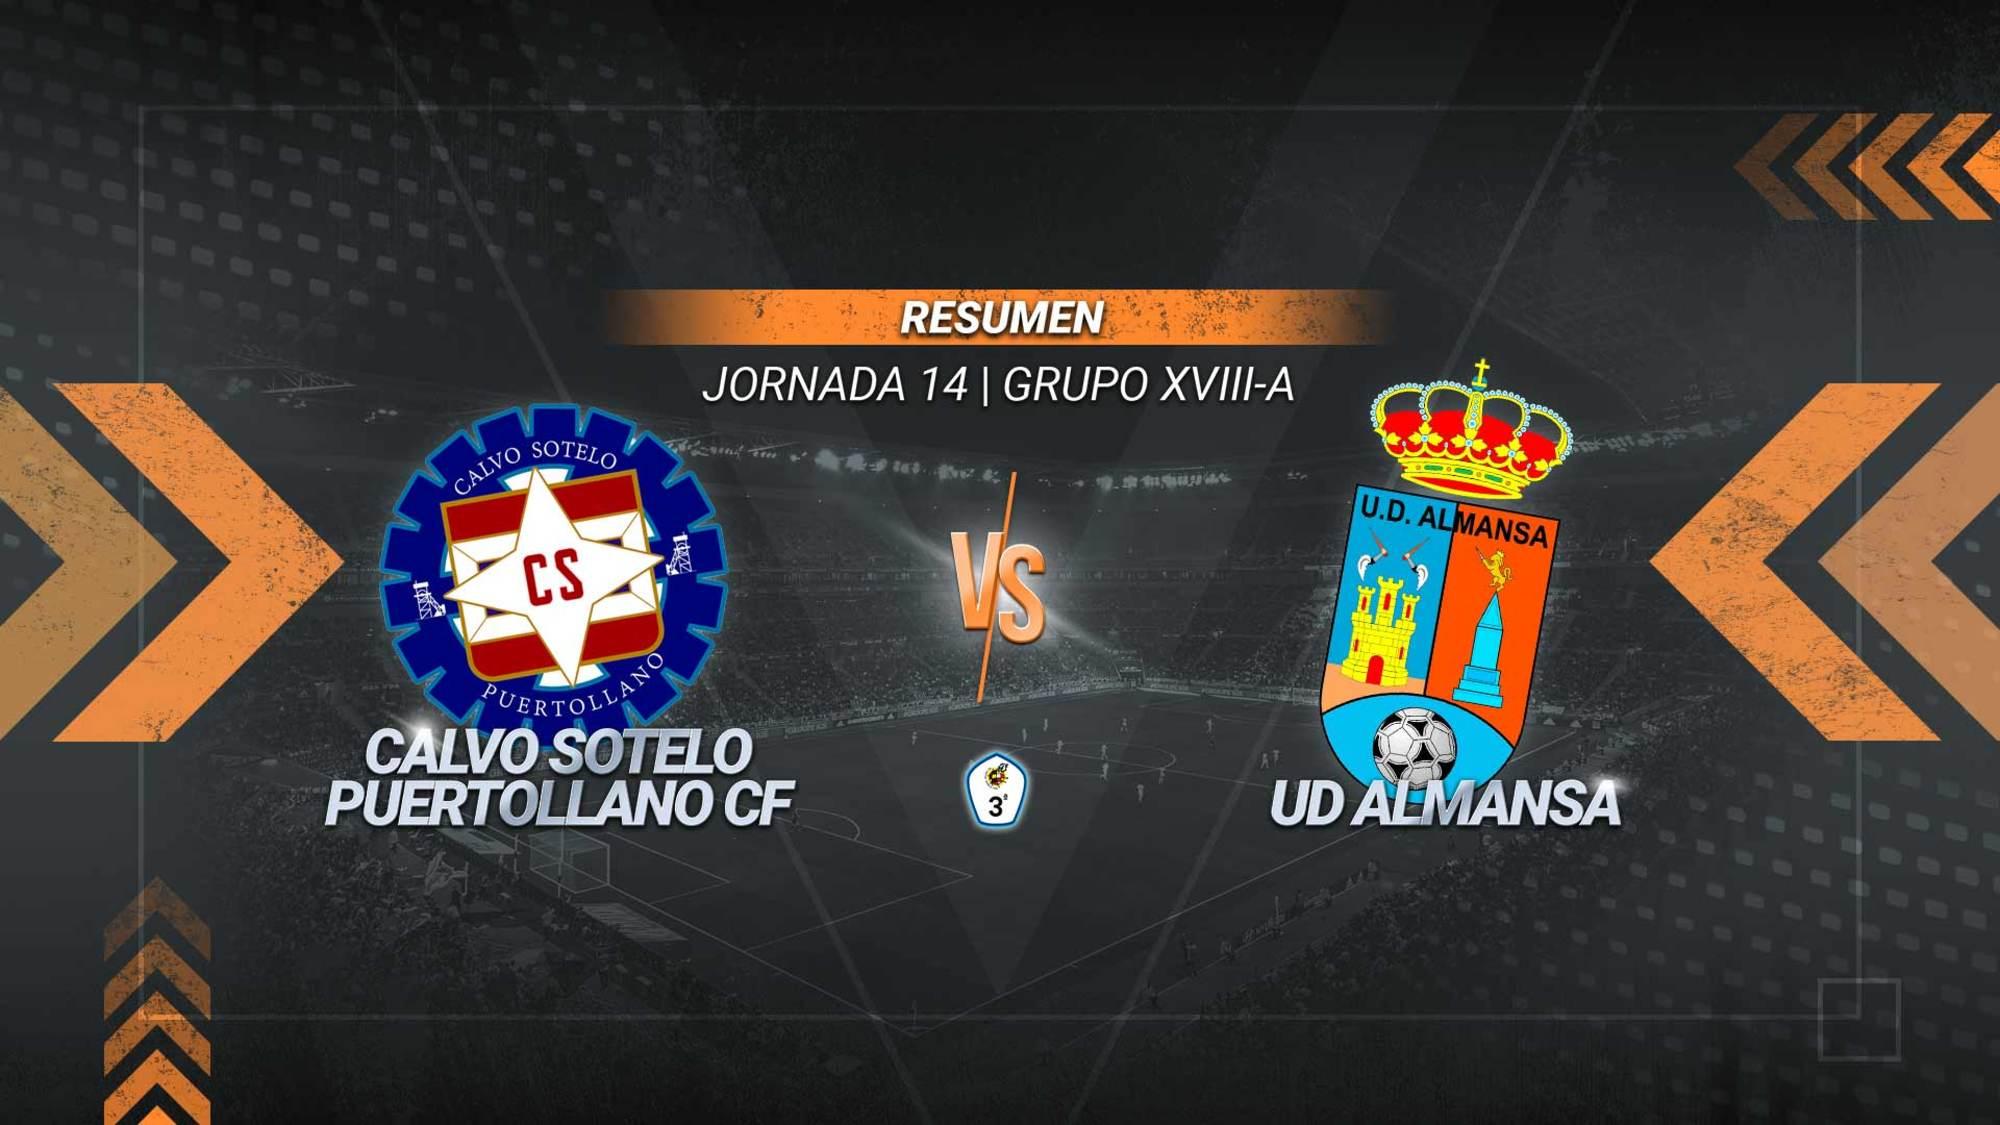 El Calvo Sotelo se impone al Almansa y suma el segundo triunfo consecutivo. Los goles de Iván Limón, Abraham y Julio permiten a los industriales alcanzar los 16 puntos. Los almanseños, en los que anotó Víctor Martí, se quedan con 11.